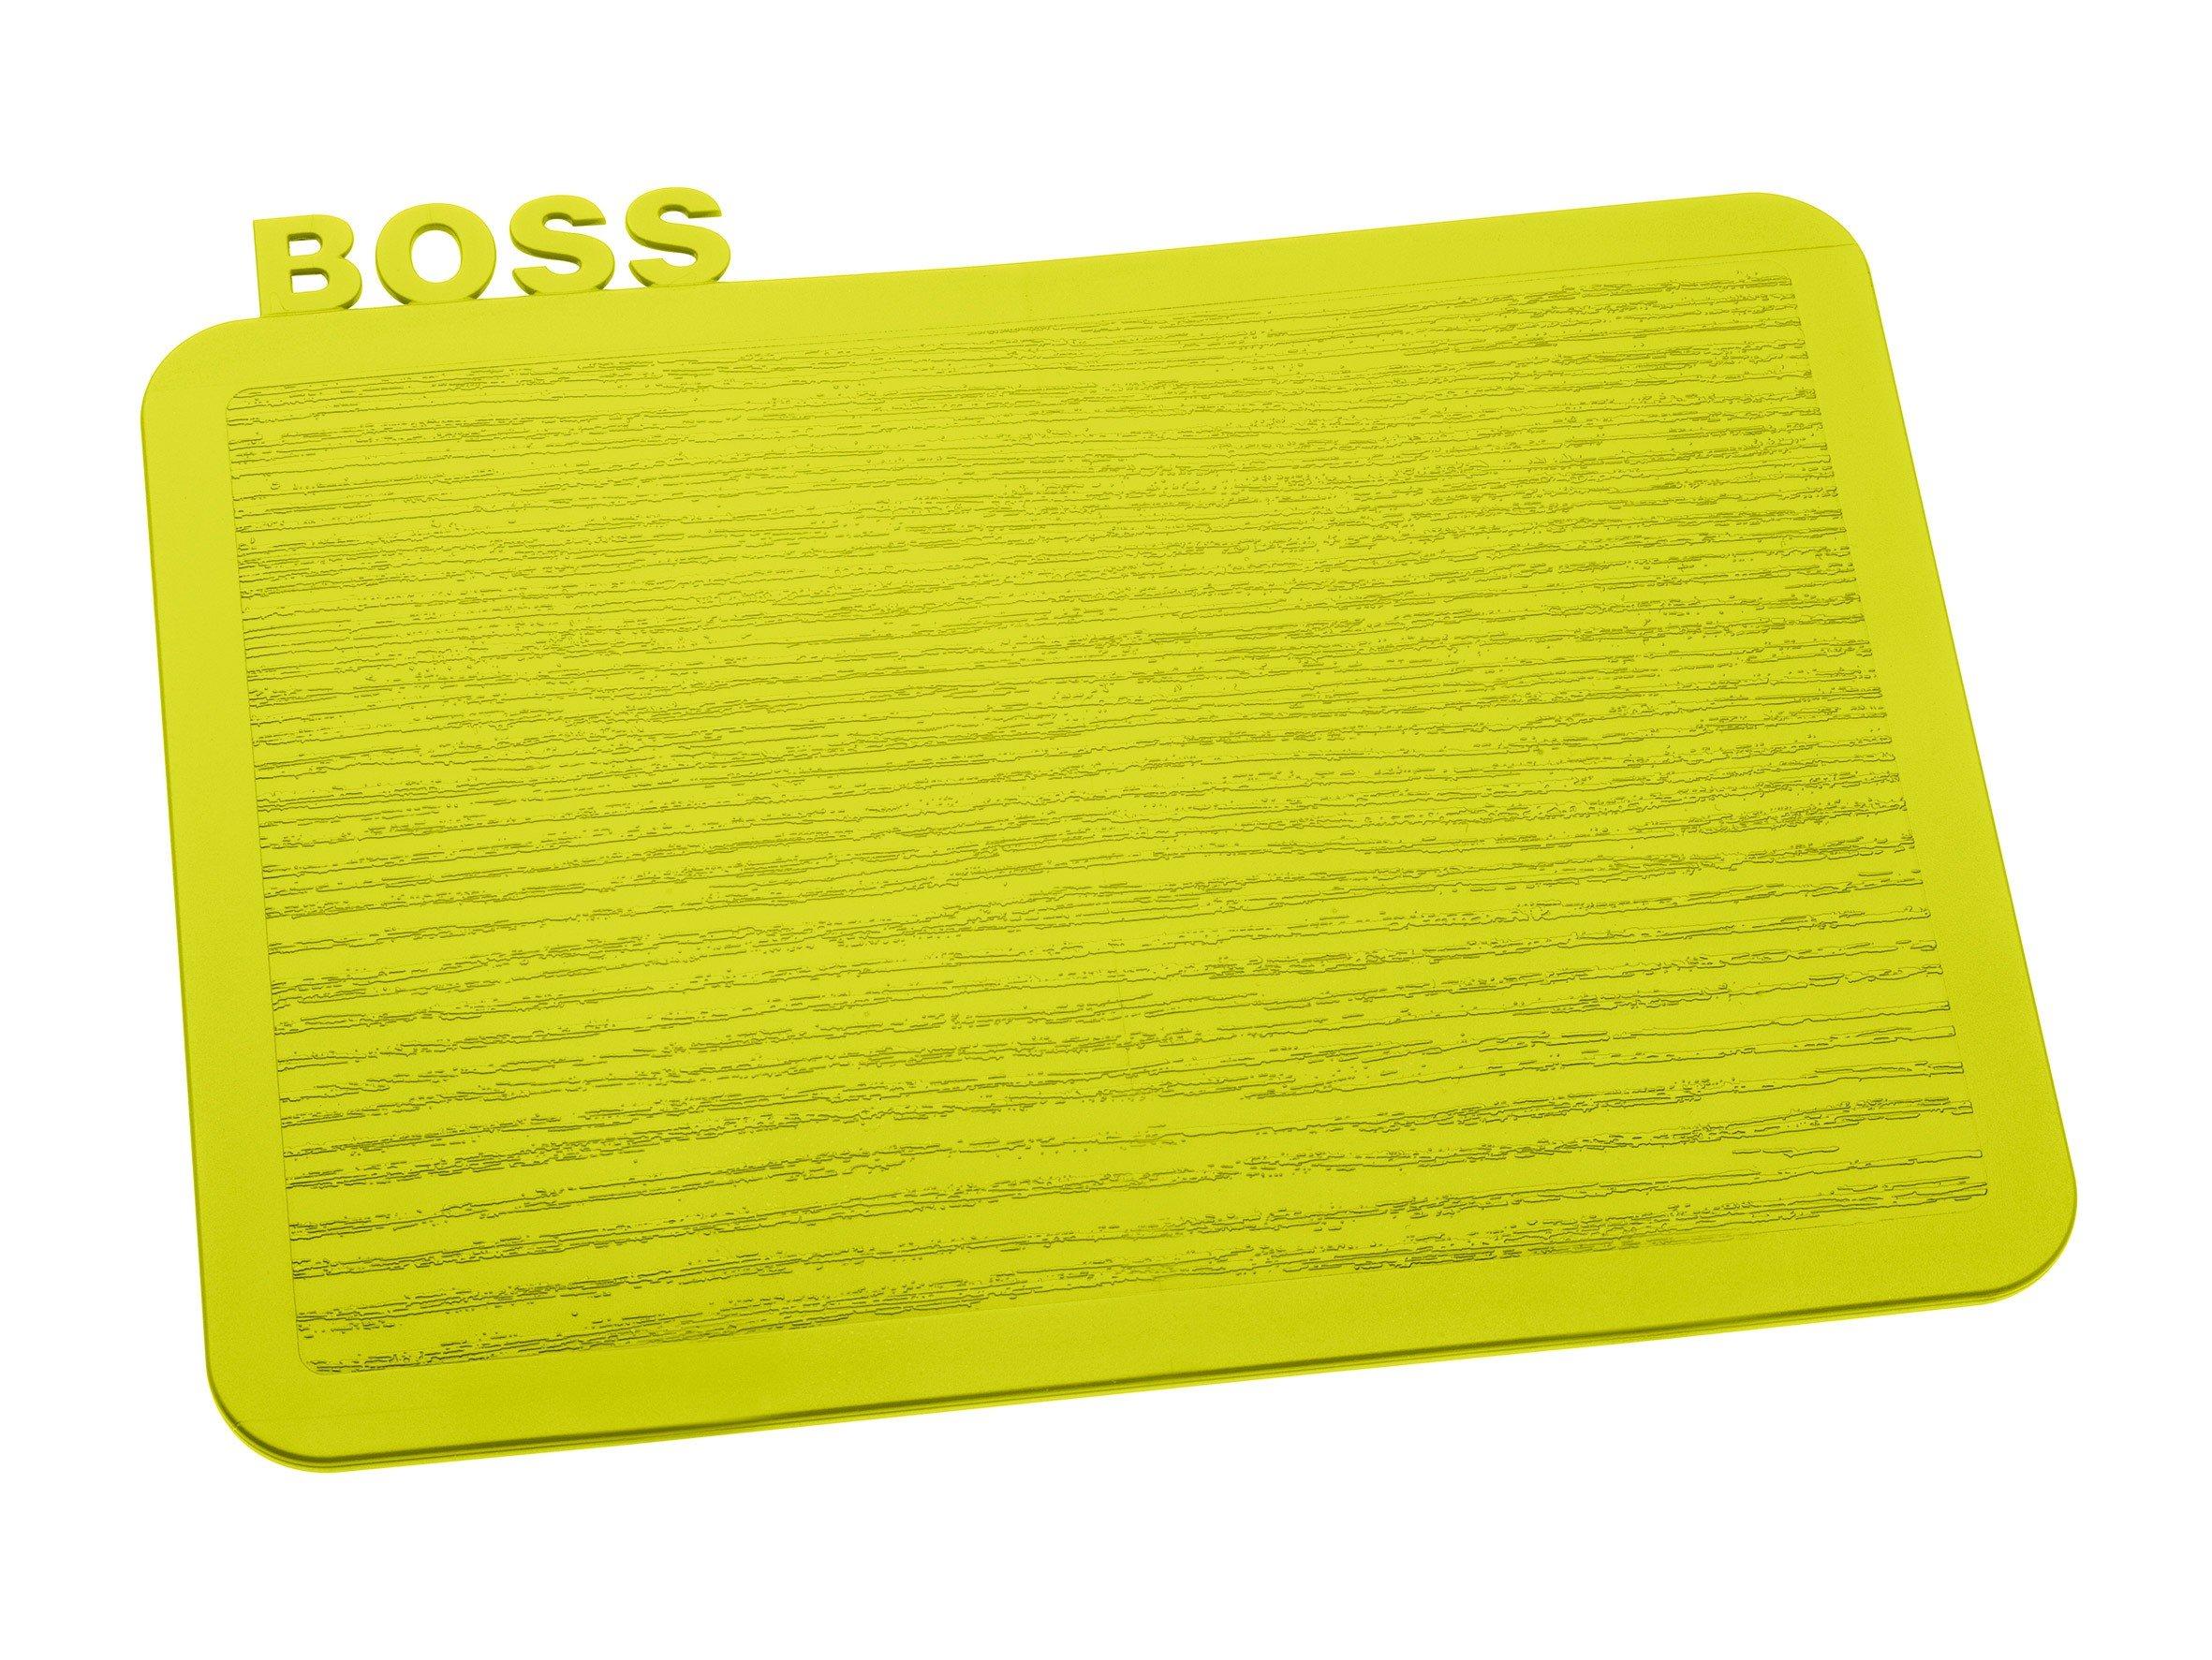 Deska śniadaniowa Happy Boards Boss musztardowa